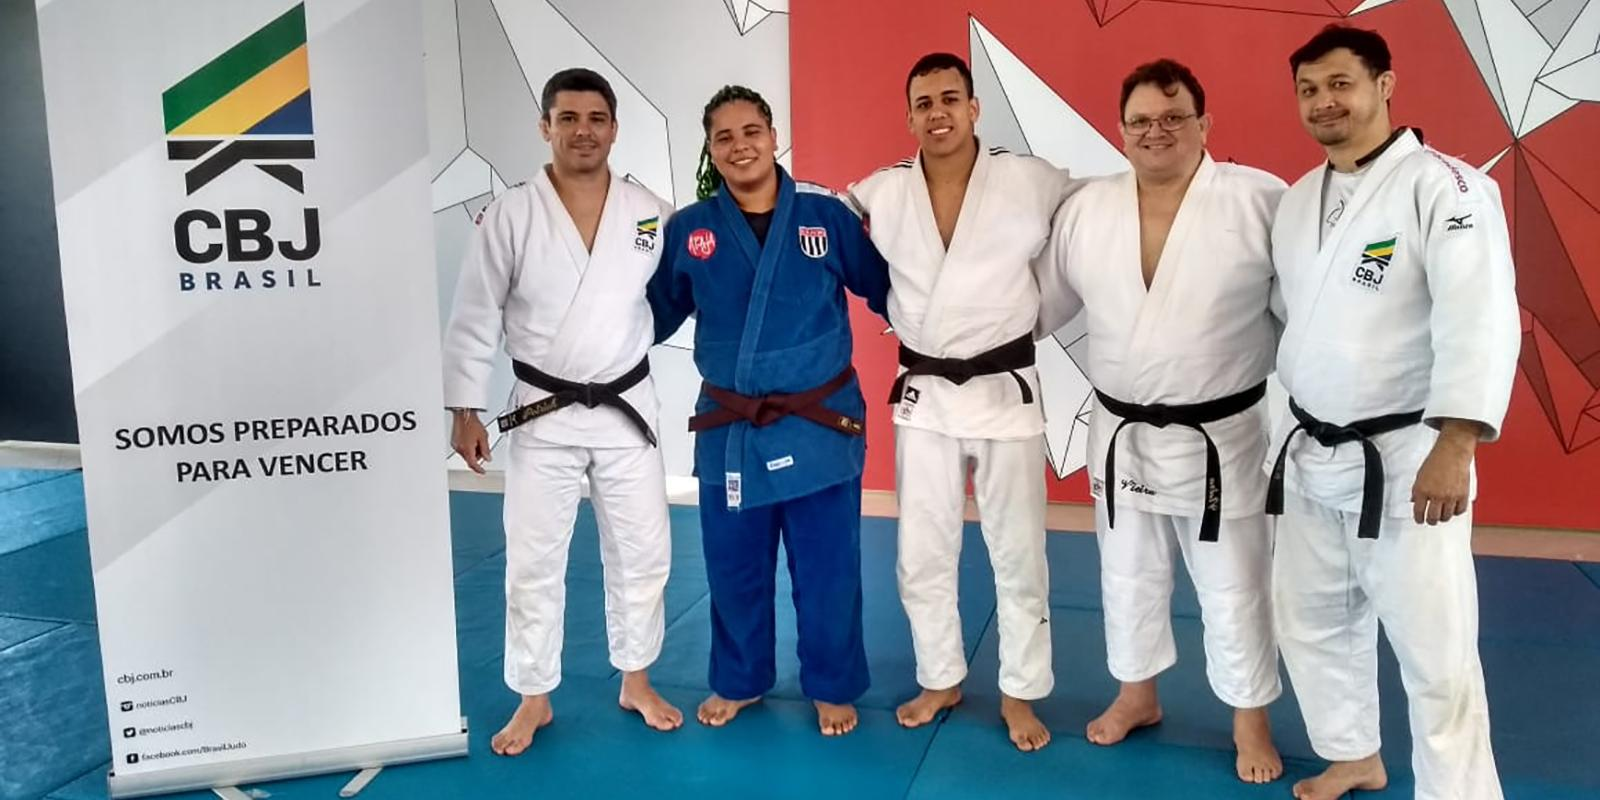 Judocas Atibaienses em mais uma Convocação para Treinamento de Campo da Confederação Brasileira de Judô